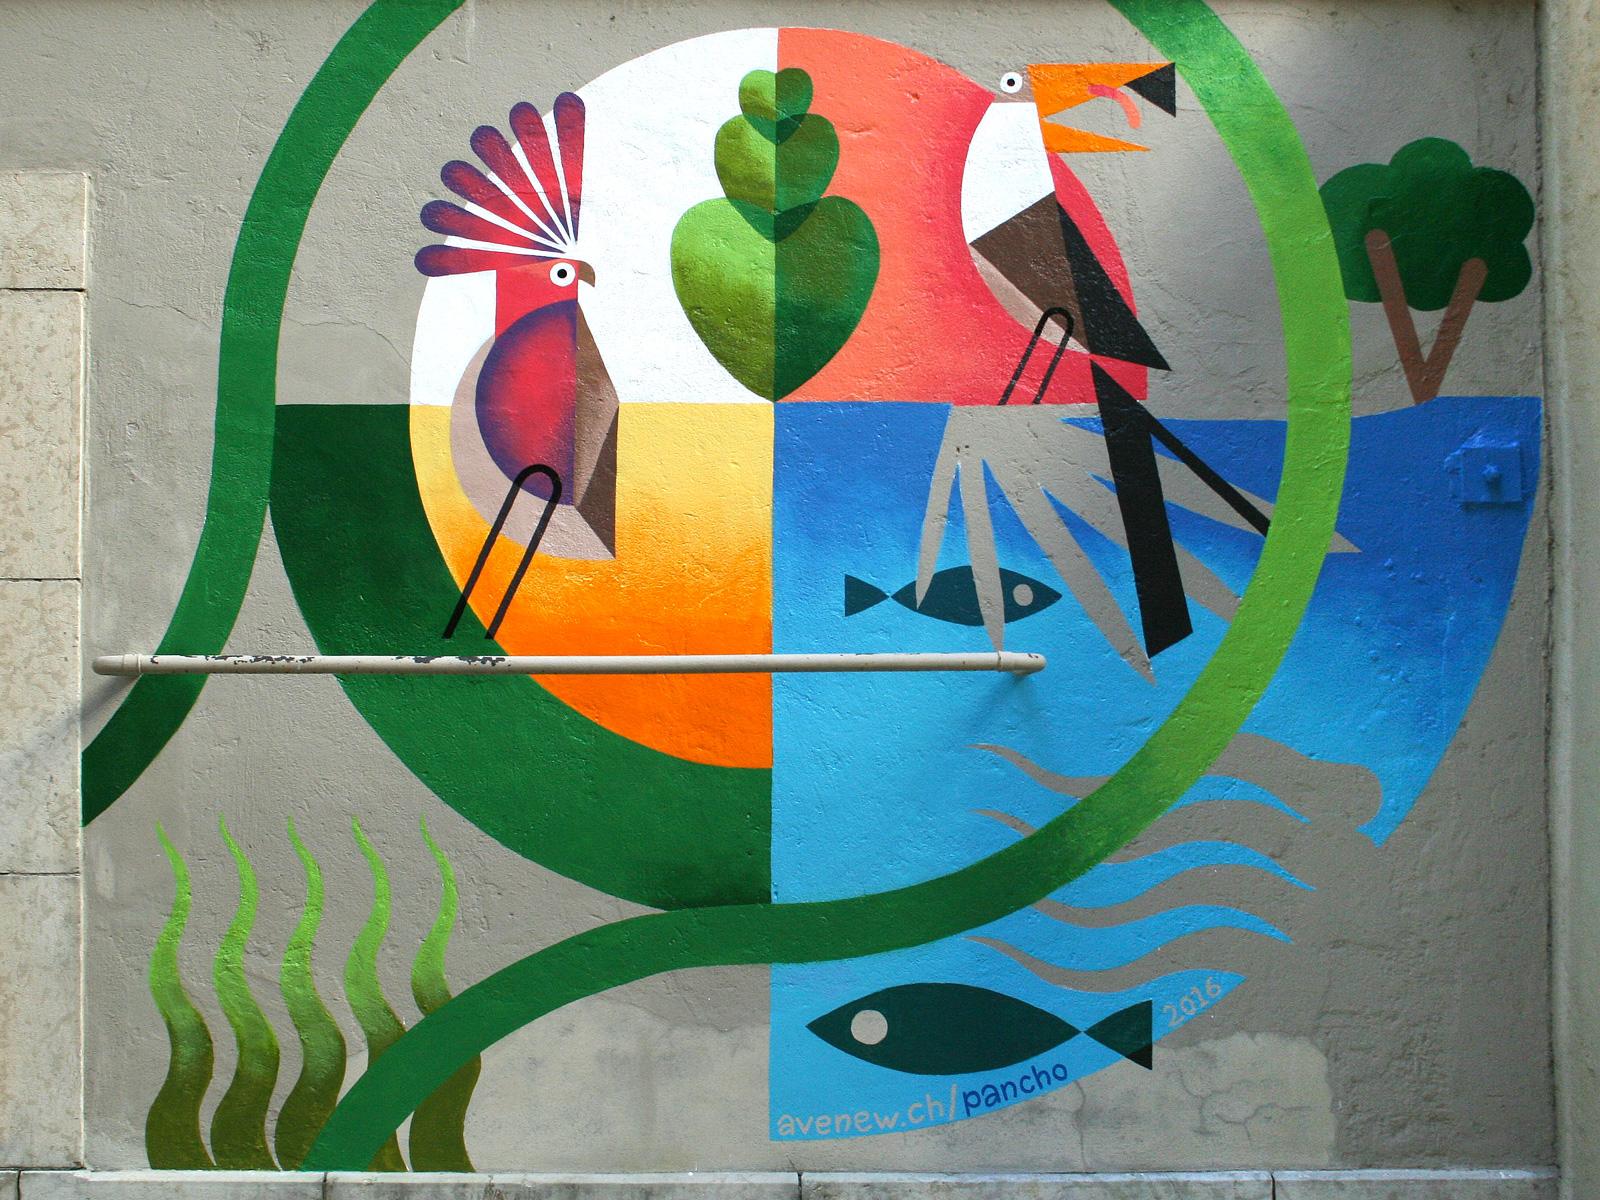 etche-art-francisco-etchepareborda-jungla-eberhardt-02